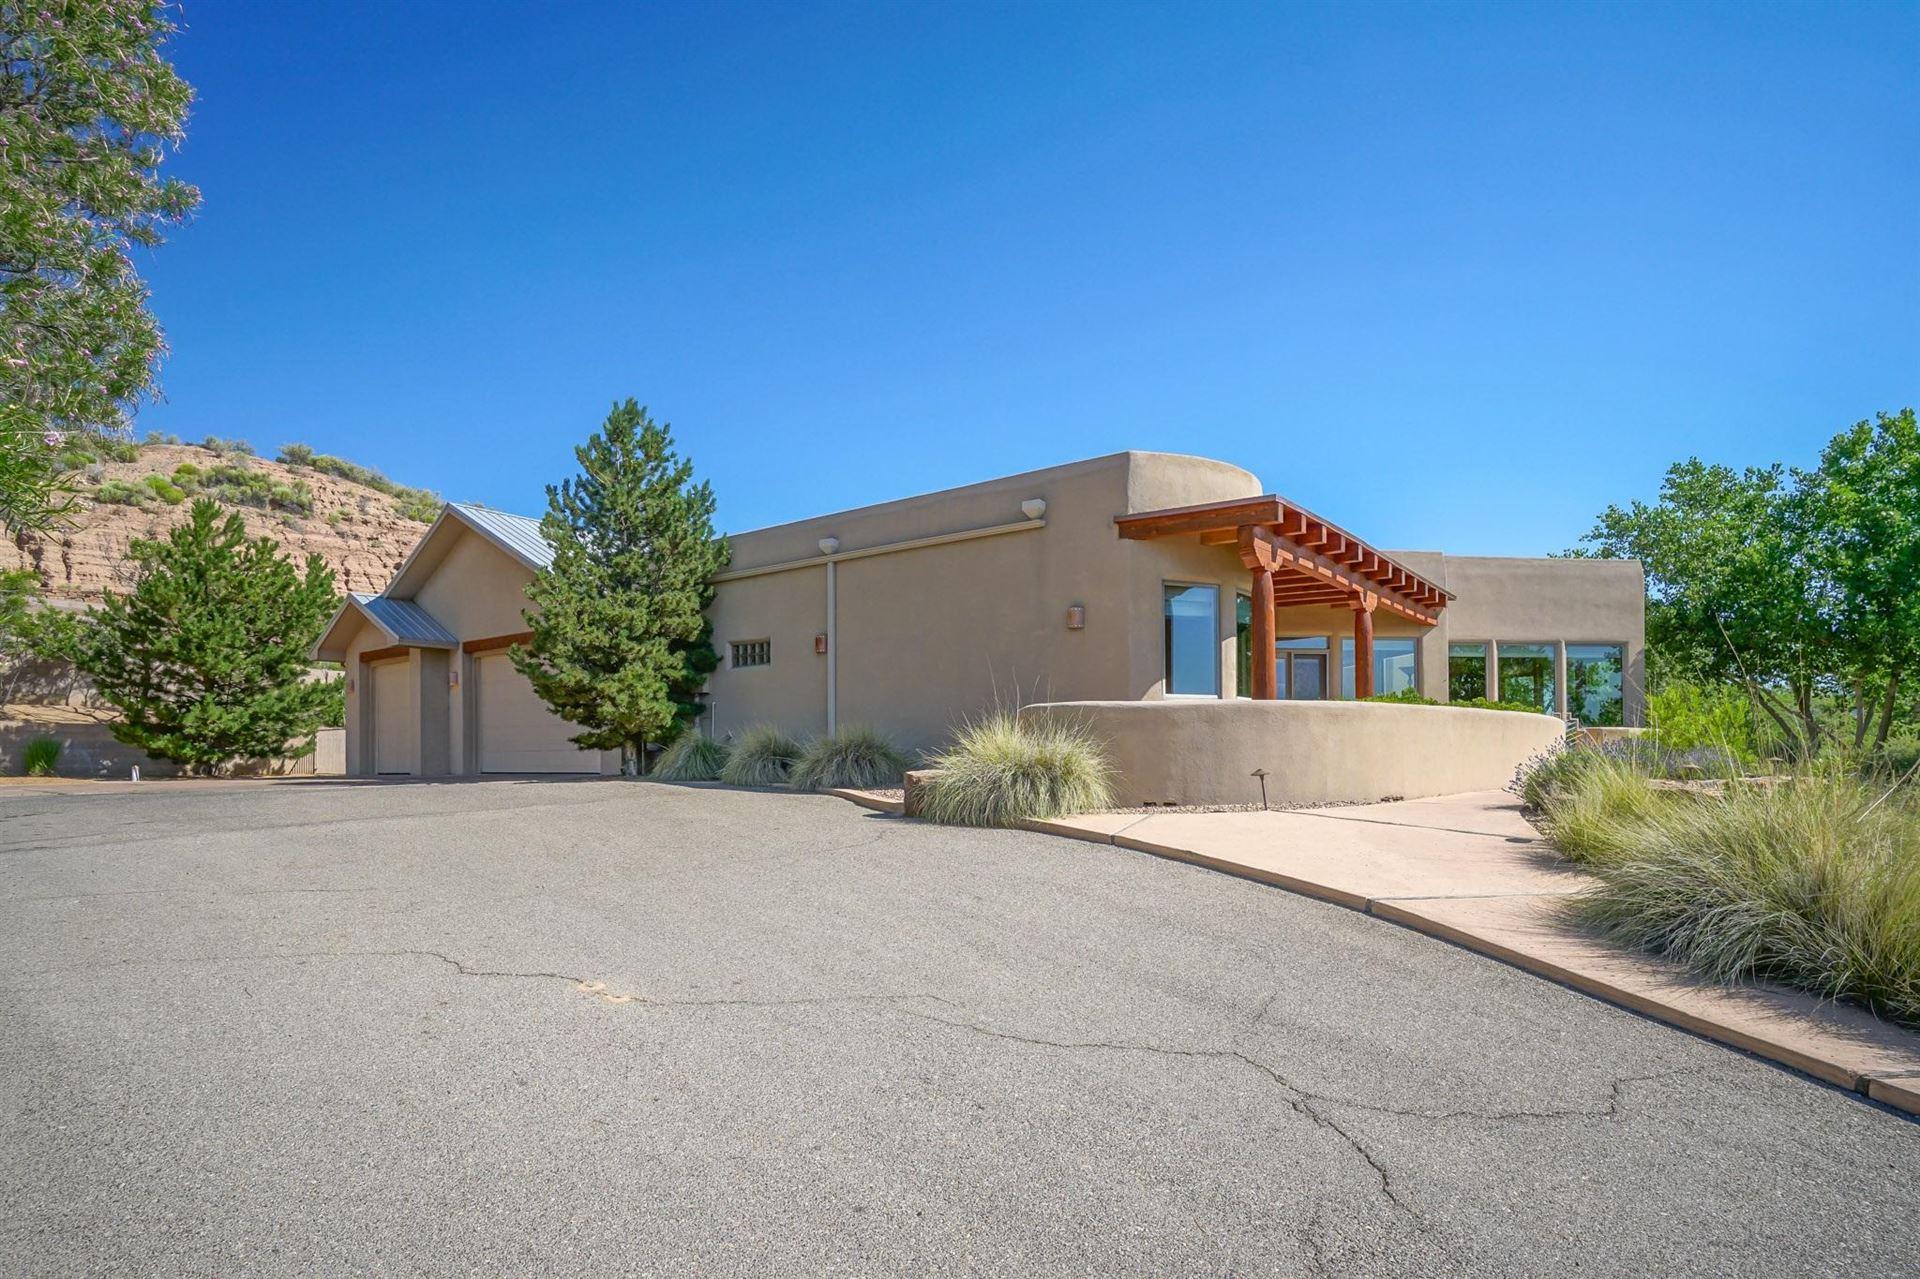 Photo of 3571 SEQUOIA Place NW, Albuquerque, NM 87120 (MLS # 959893)